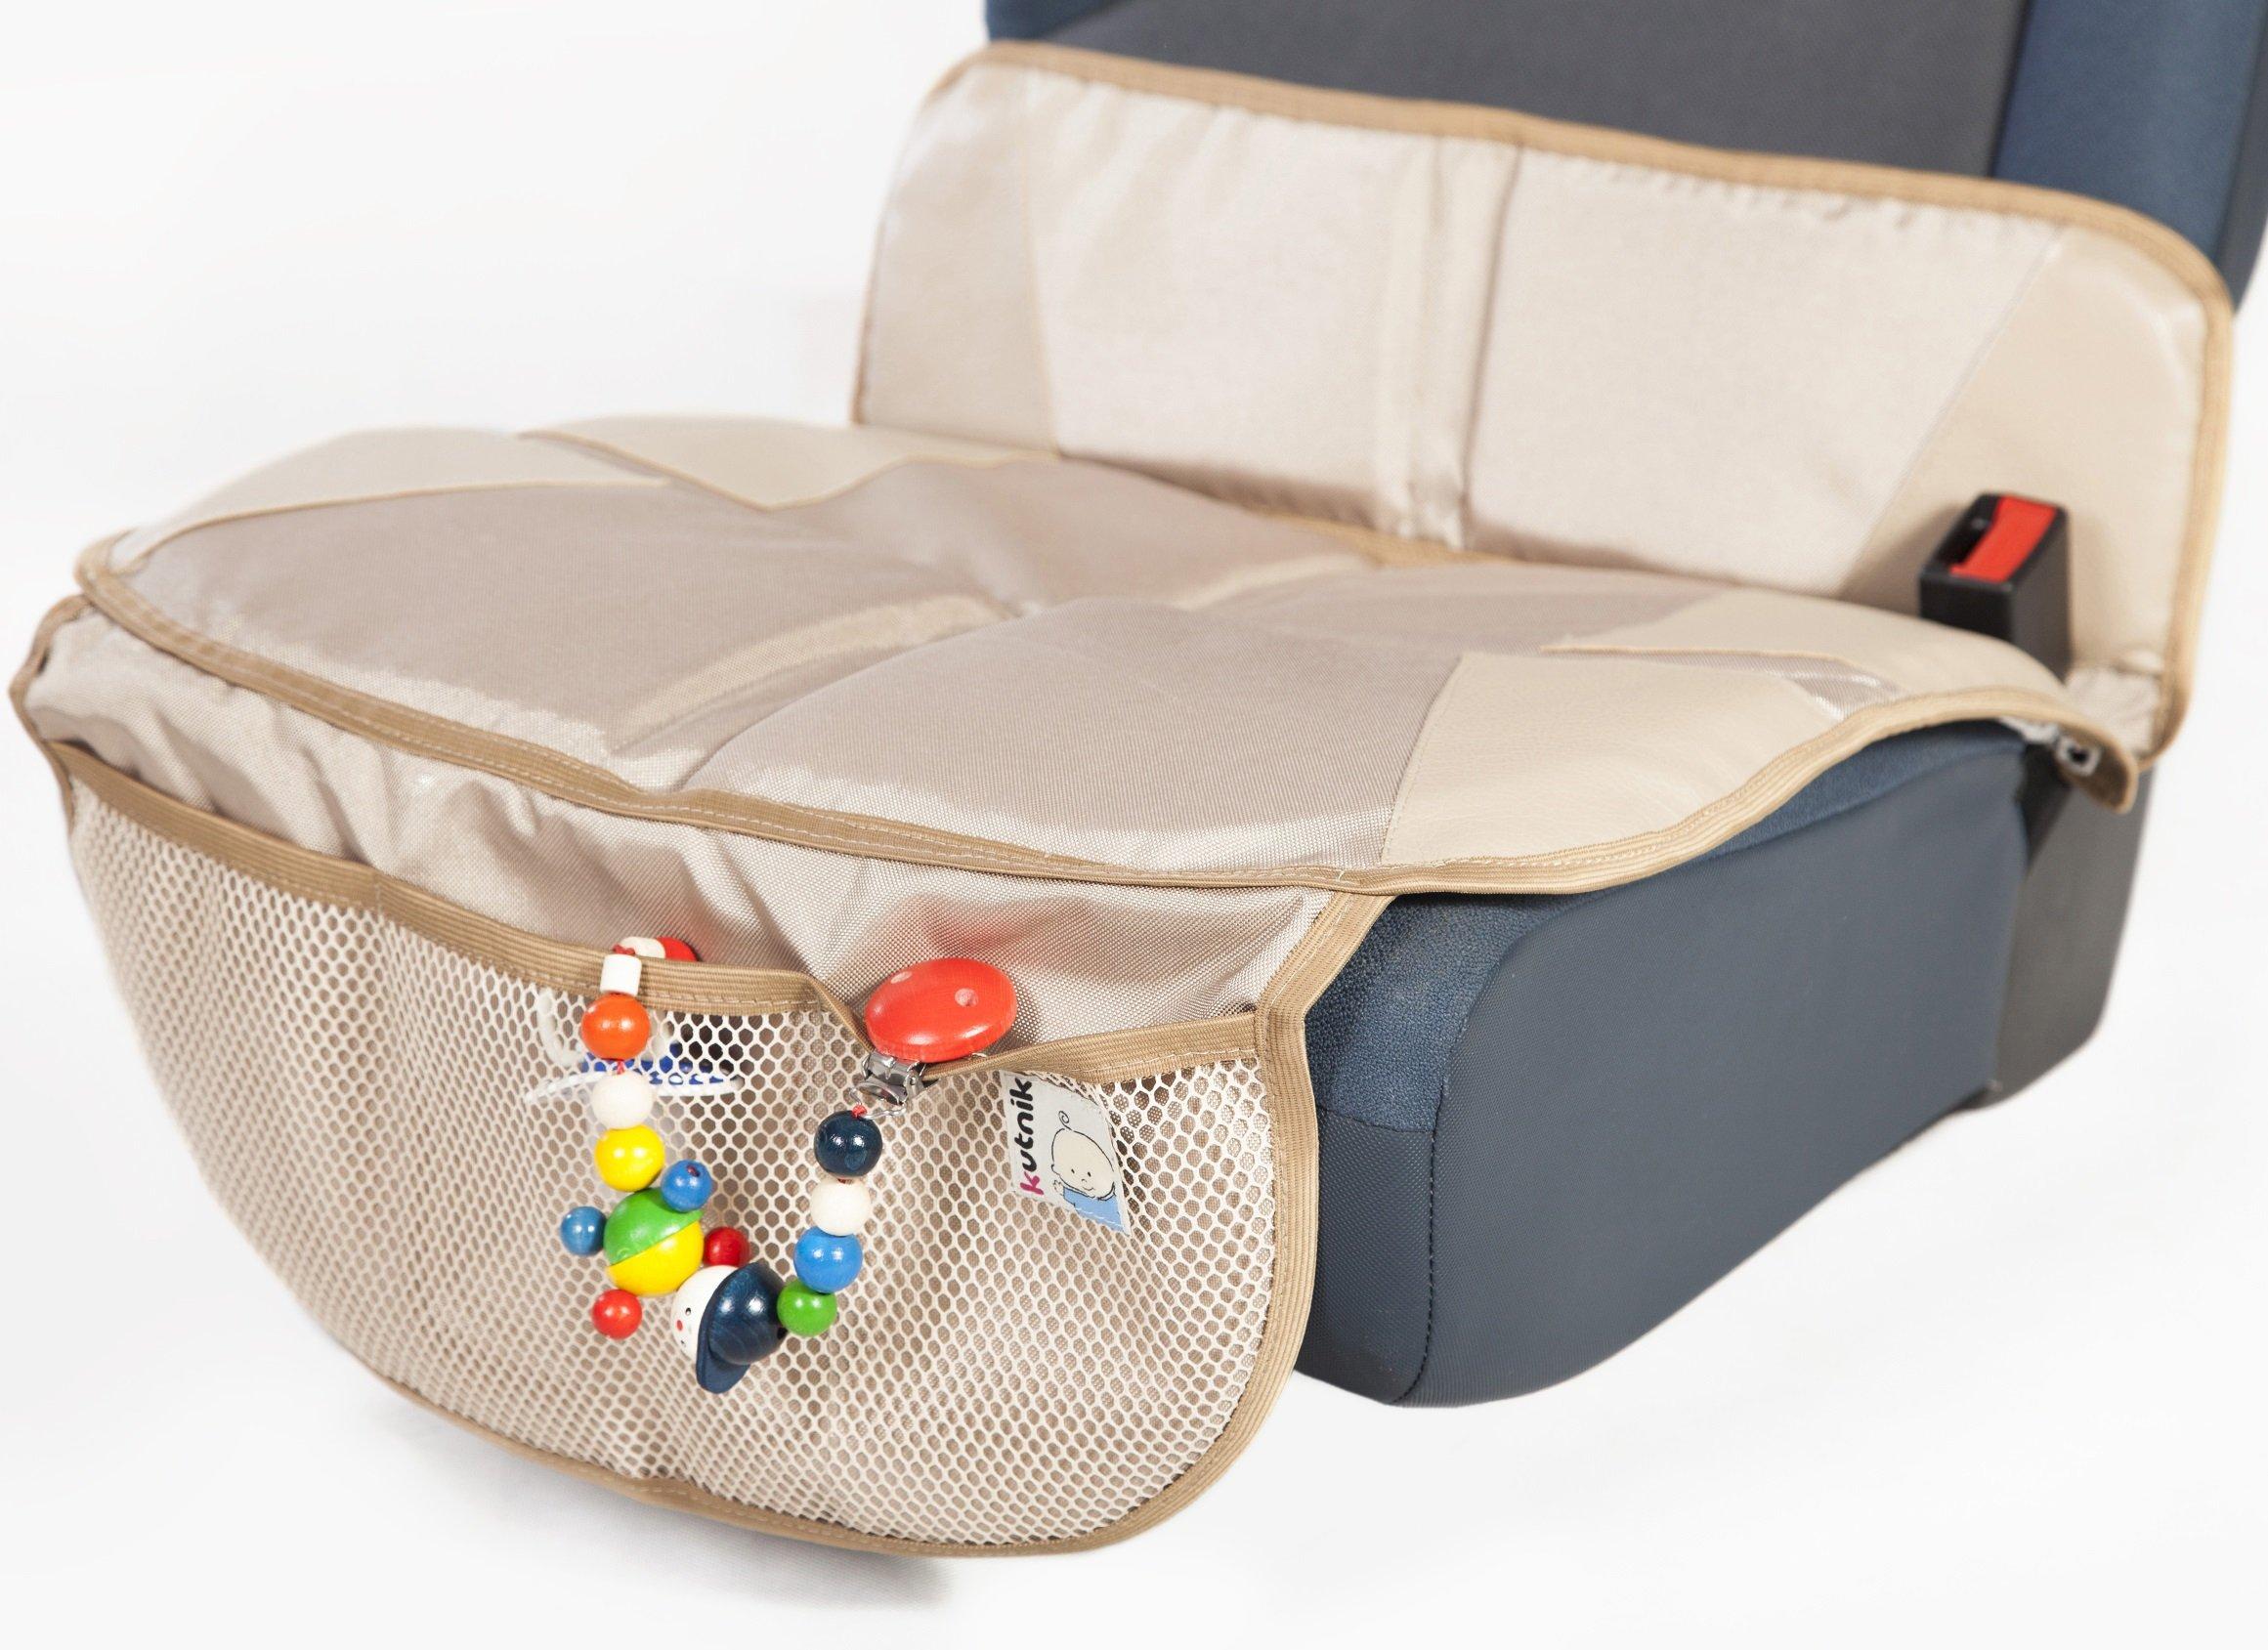 Kutnik MULTIFUNCTIONAL CAR SEAT PROTECTOR MAT (DESERT BEIGE)